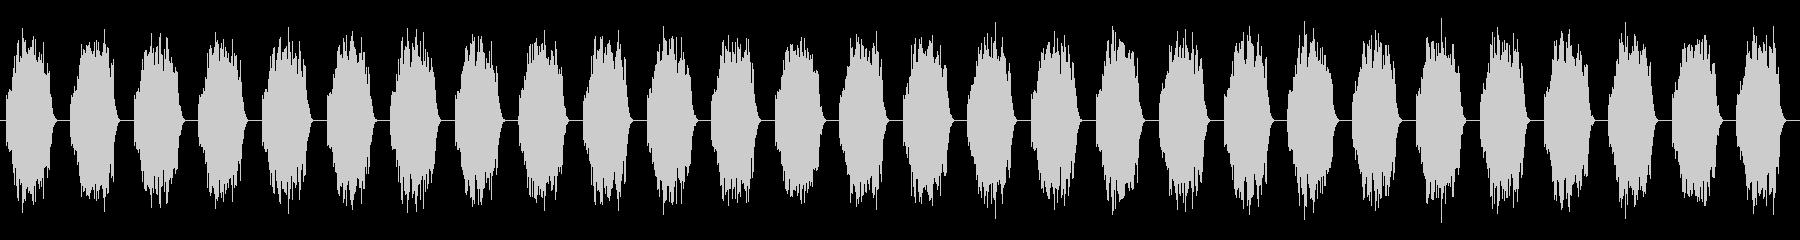 ソナ宇宙船:クラクソンアラームの未再生の波形